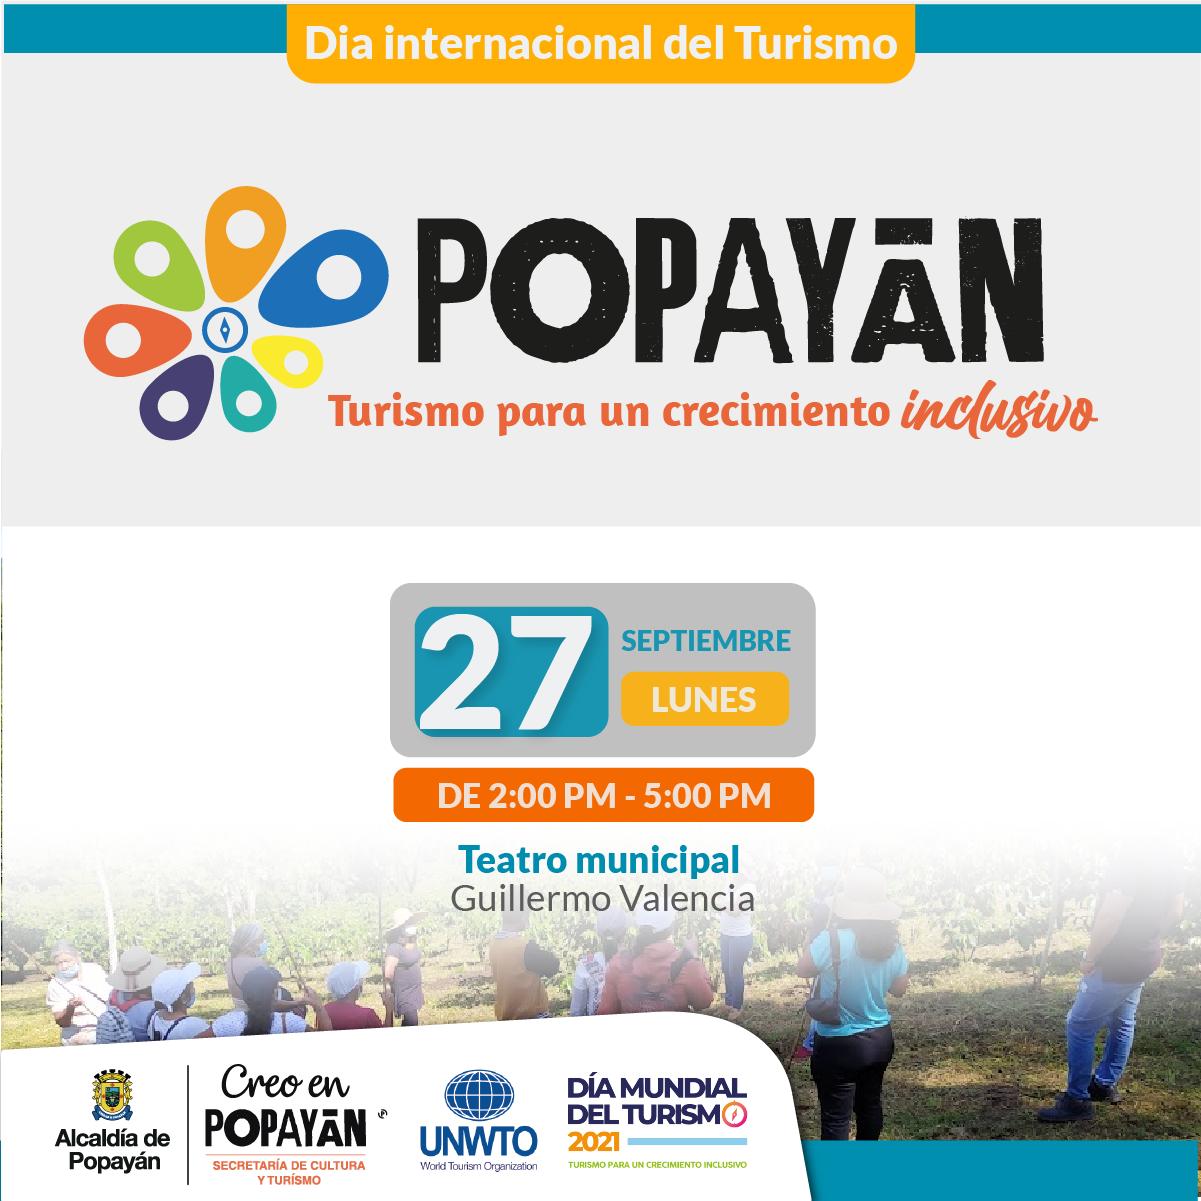 POPAYÁN. Turismo para un crecimiento inclusivo